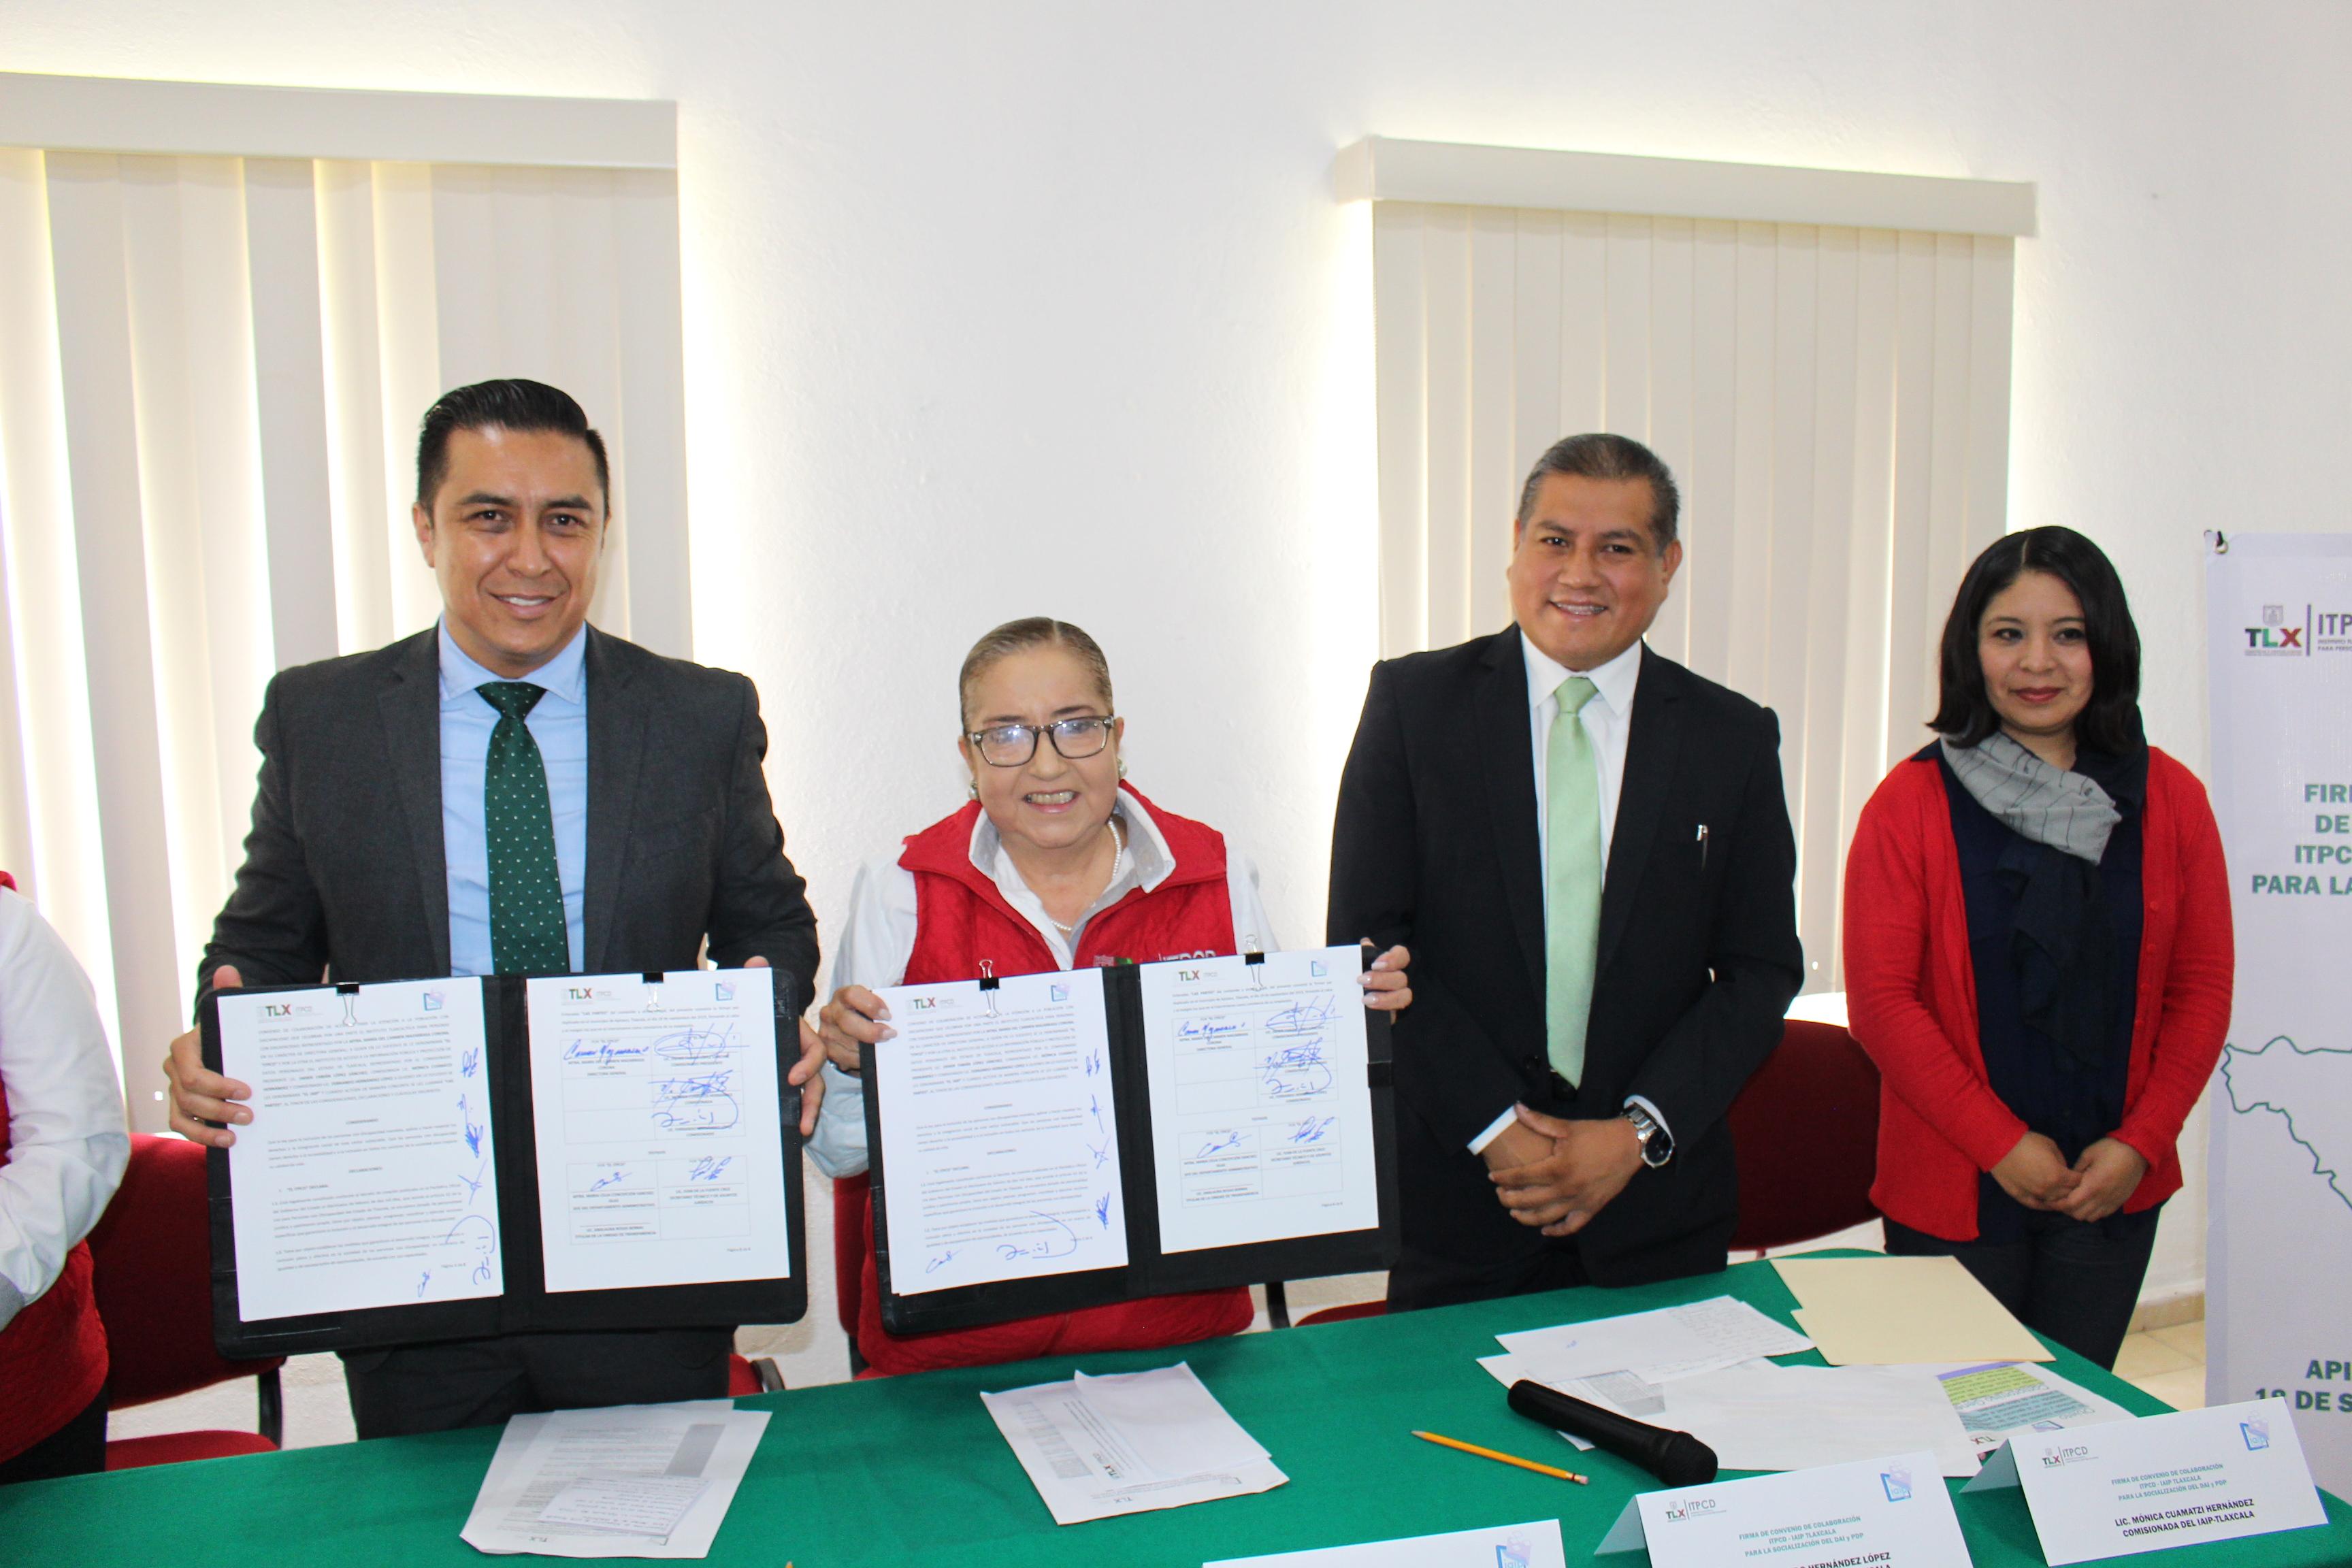 IAIP publicará Ley de Transparencia en formato braille